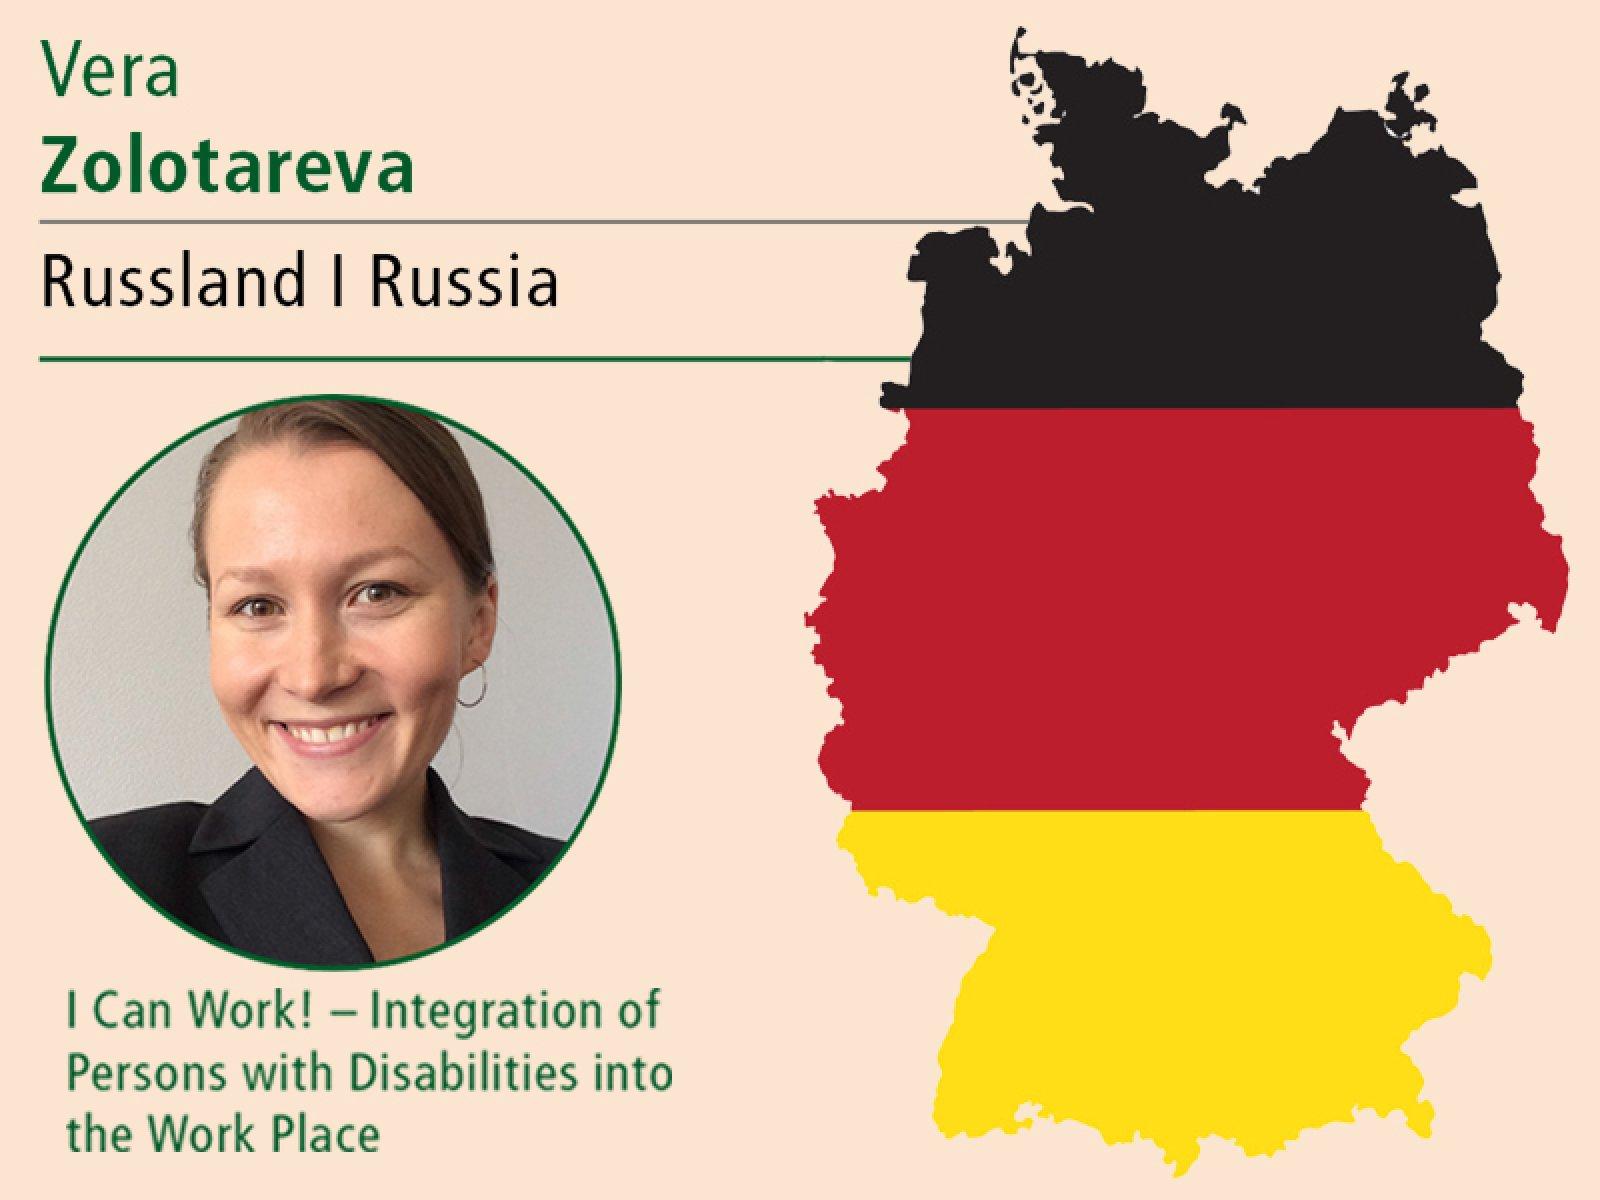 Первые успехи пресс-секретаря Областного центра реабилитации инвалидов по реализации в Германии исследовательского проекта о людях с ОВЗ